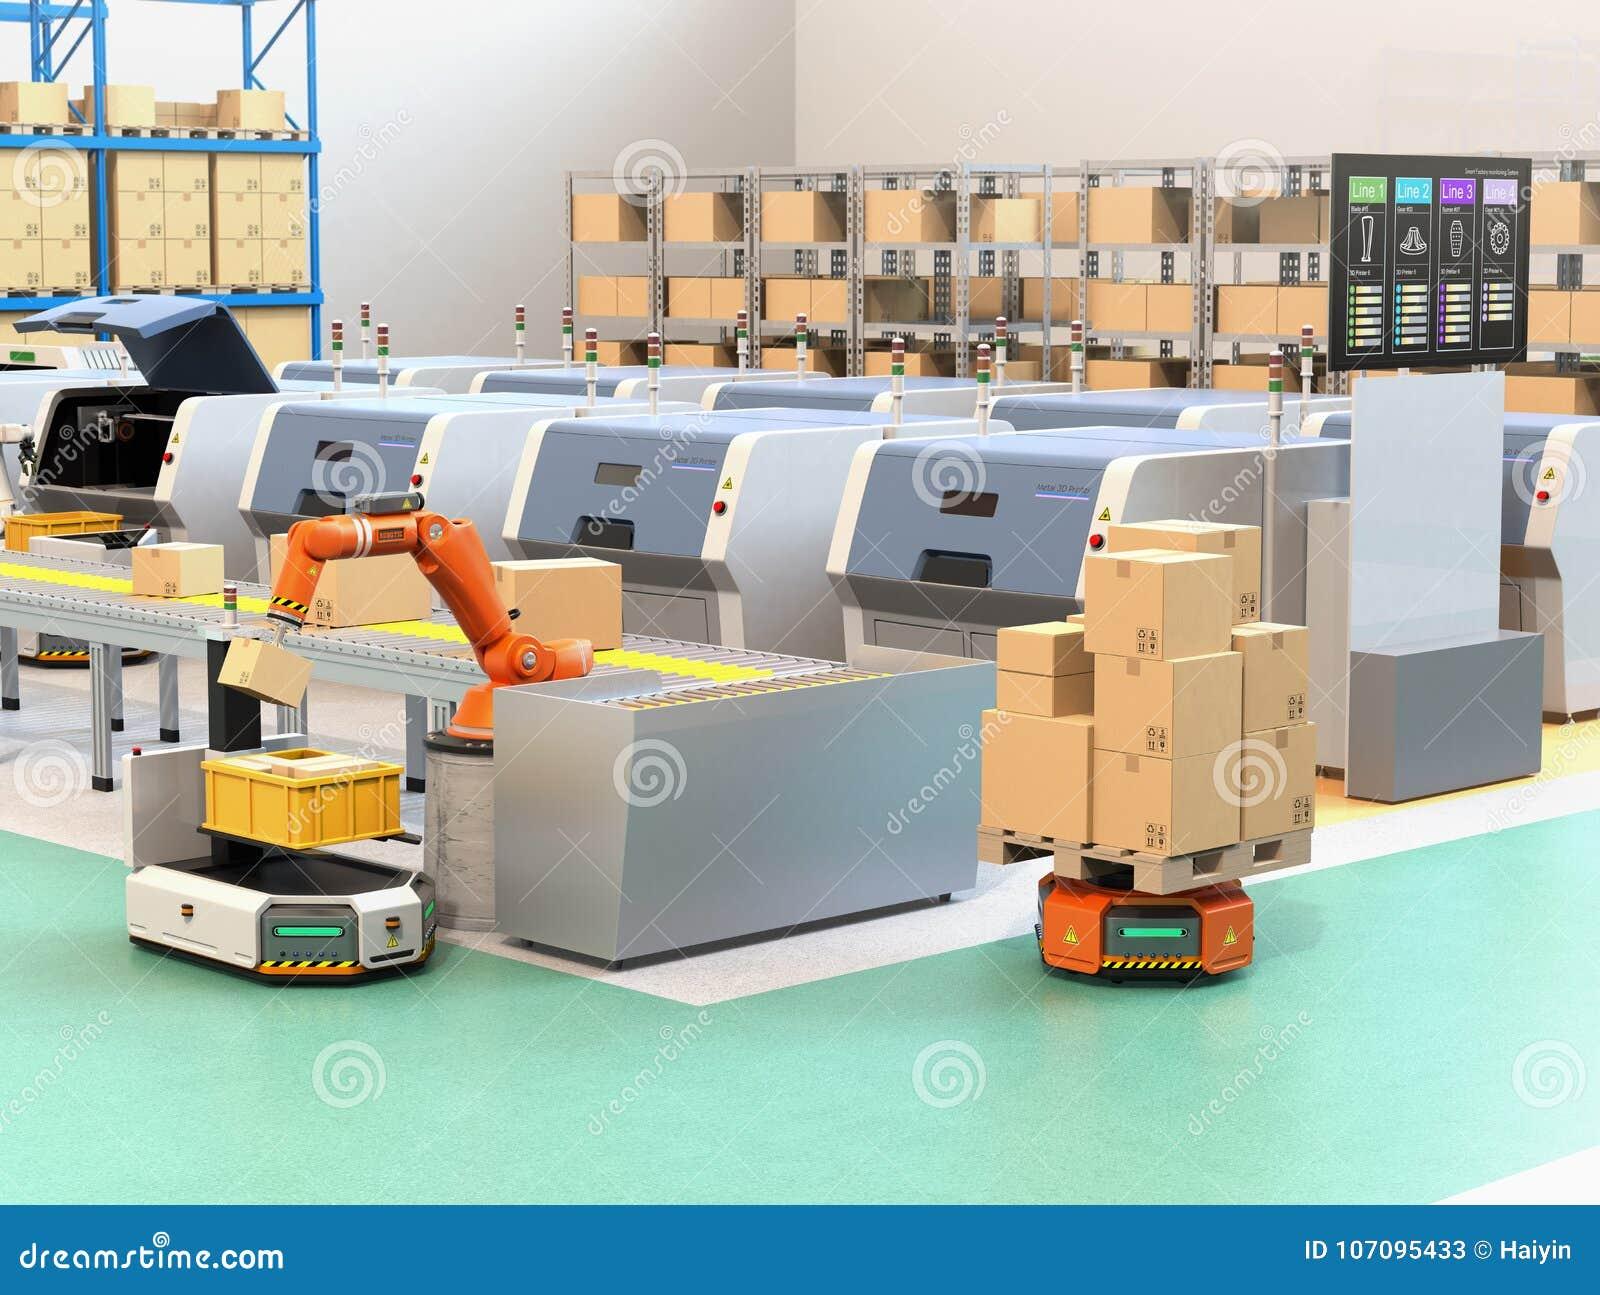 Robotachtig wapen het plukken pakket van transportband aan AGV